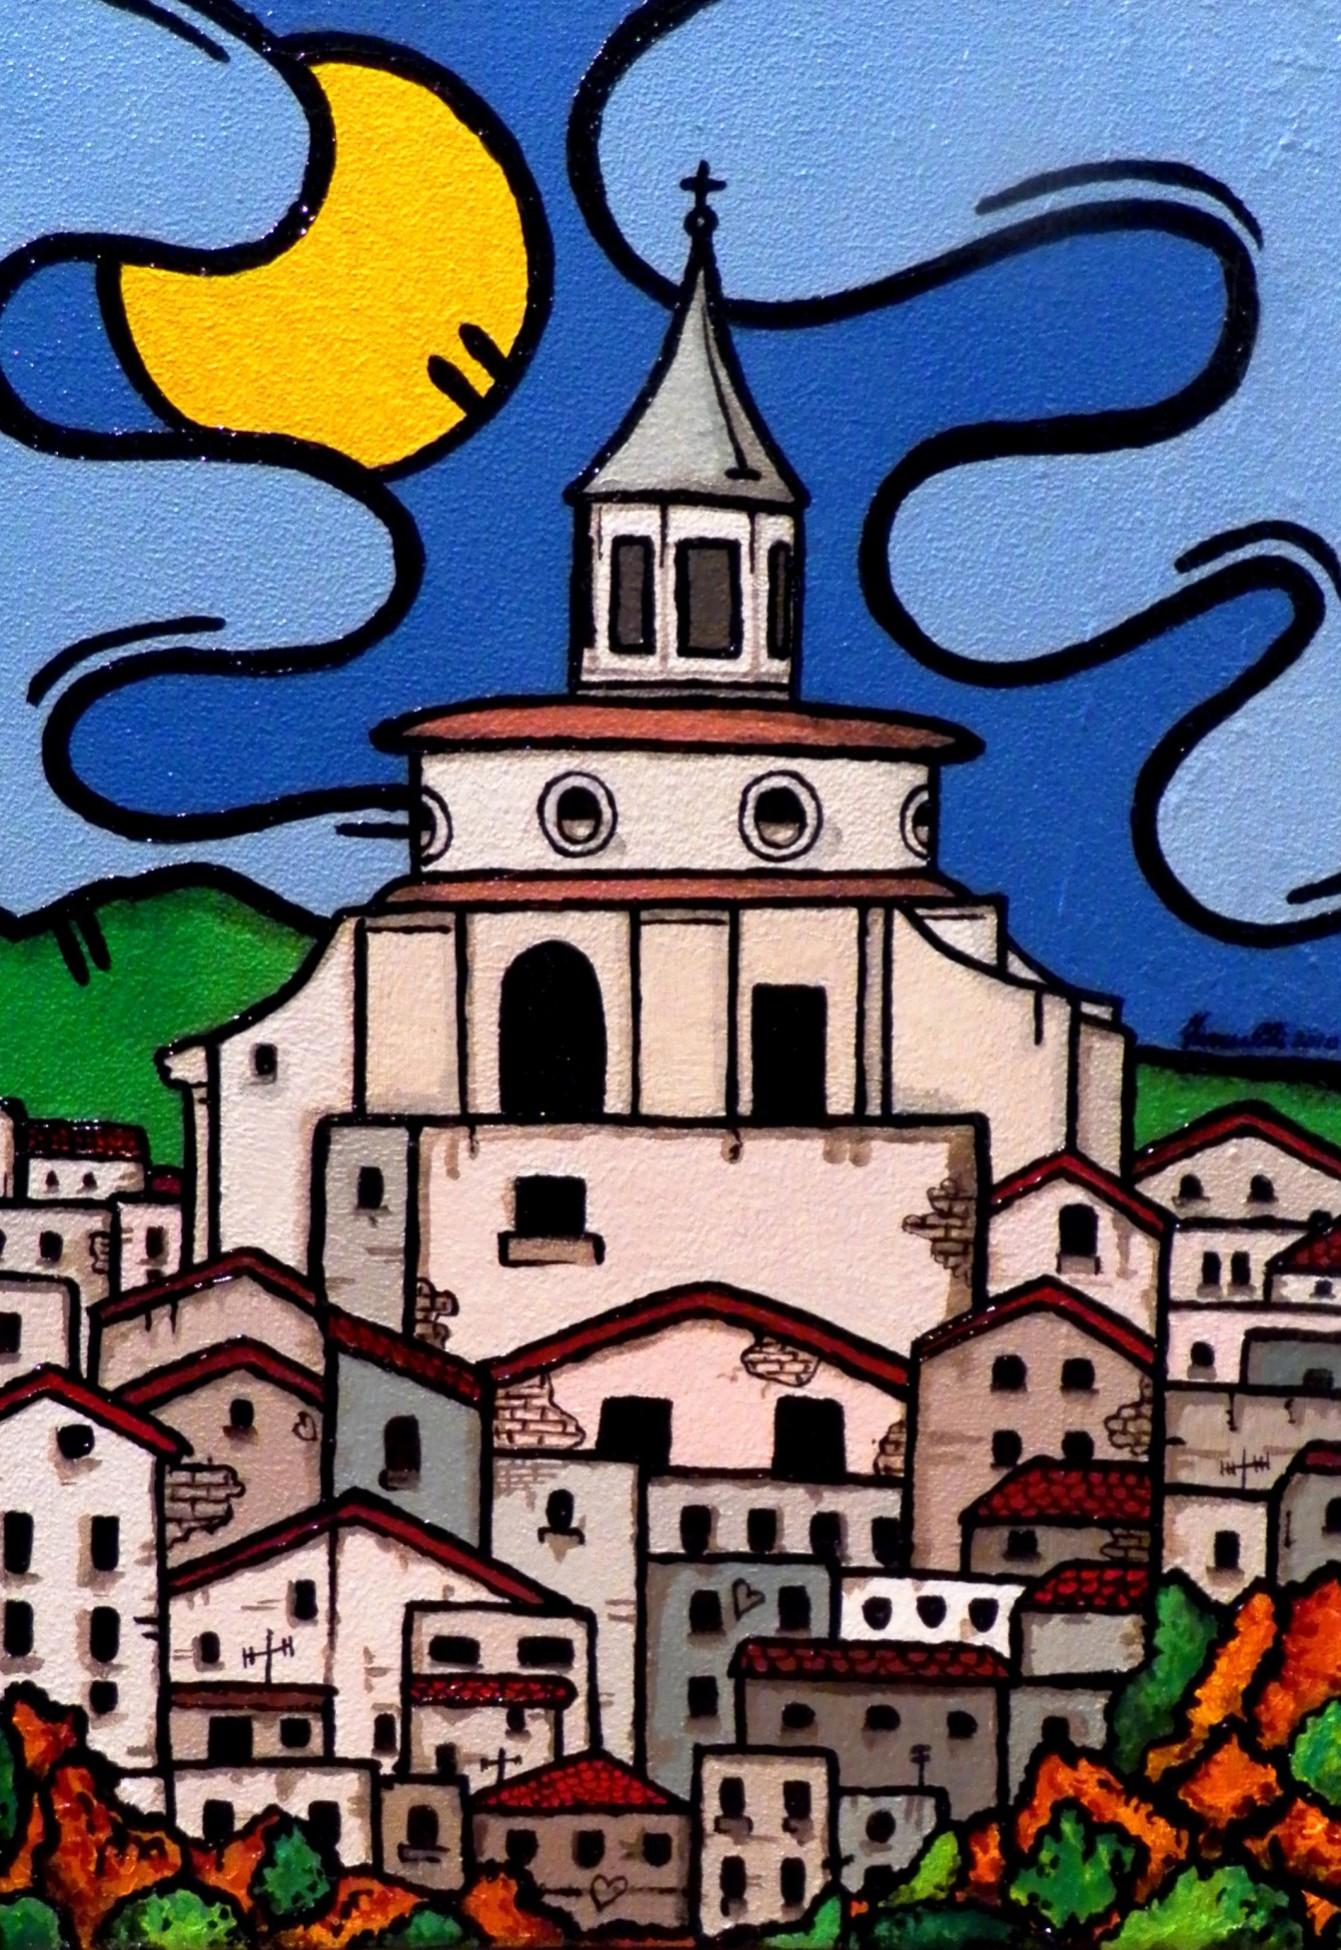 opera, contornismo metafisico, francesco ferrulli, pittore pugliese, artista italiano, arte contemporanea, dipinto, olio su tela, paesaggi pugliesi, puglia, quadro colorato, oil on canvas, art, painter, zagarolo